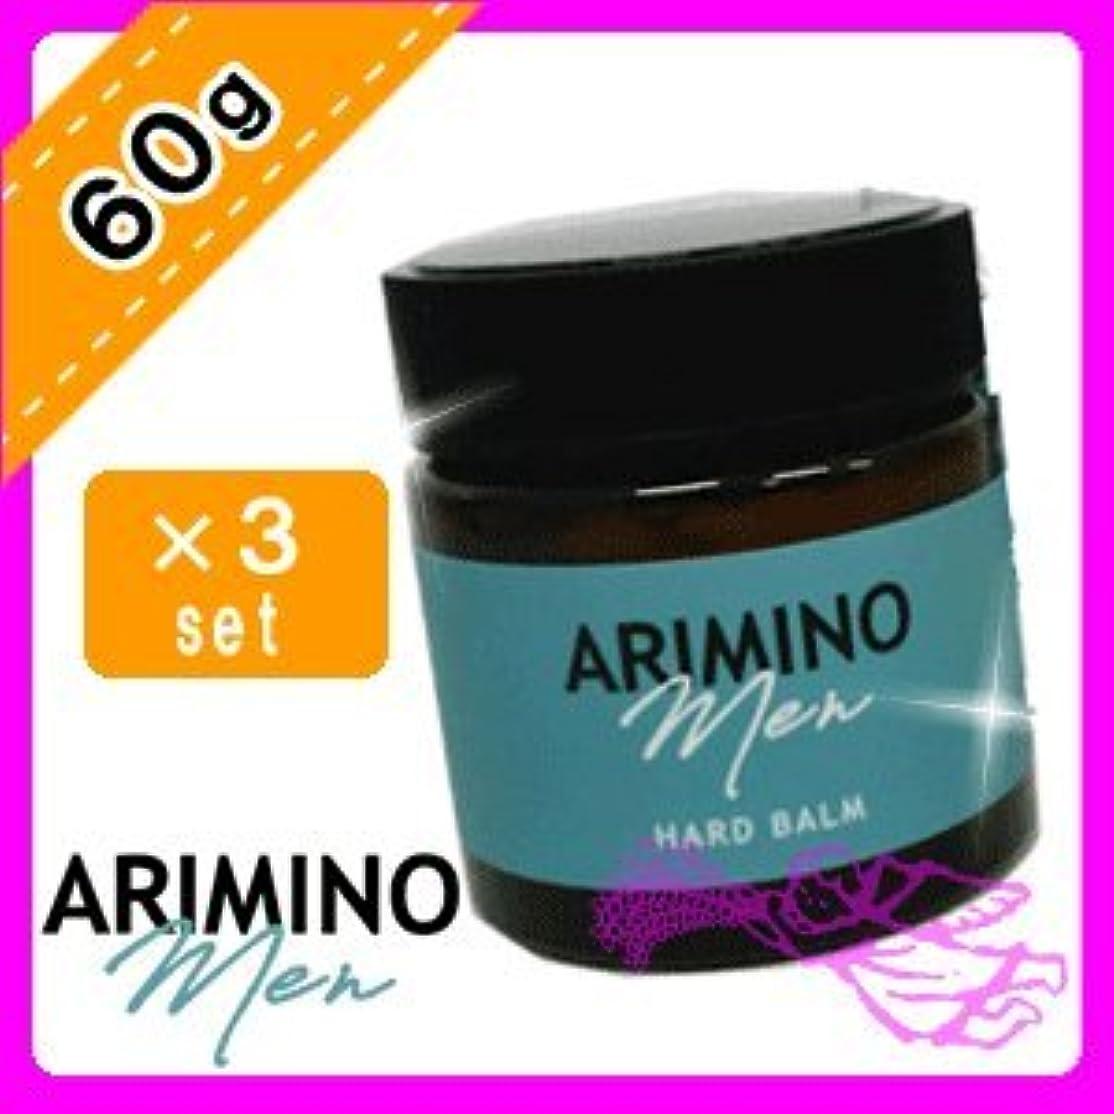 スロープ動詞バターアリミノ メン ハード バーム 60g ×3個 セット arimino men